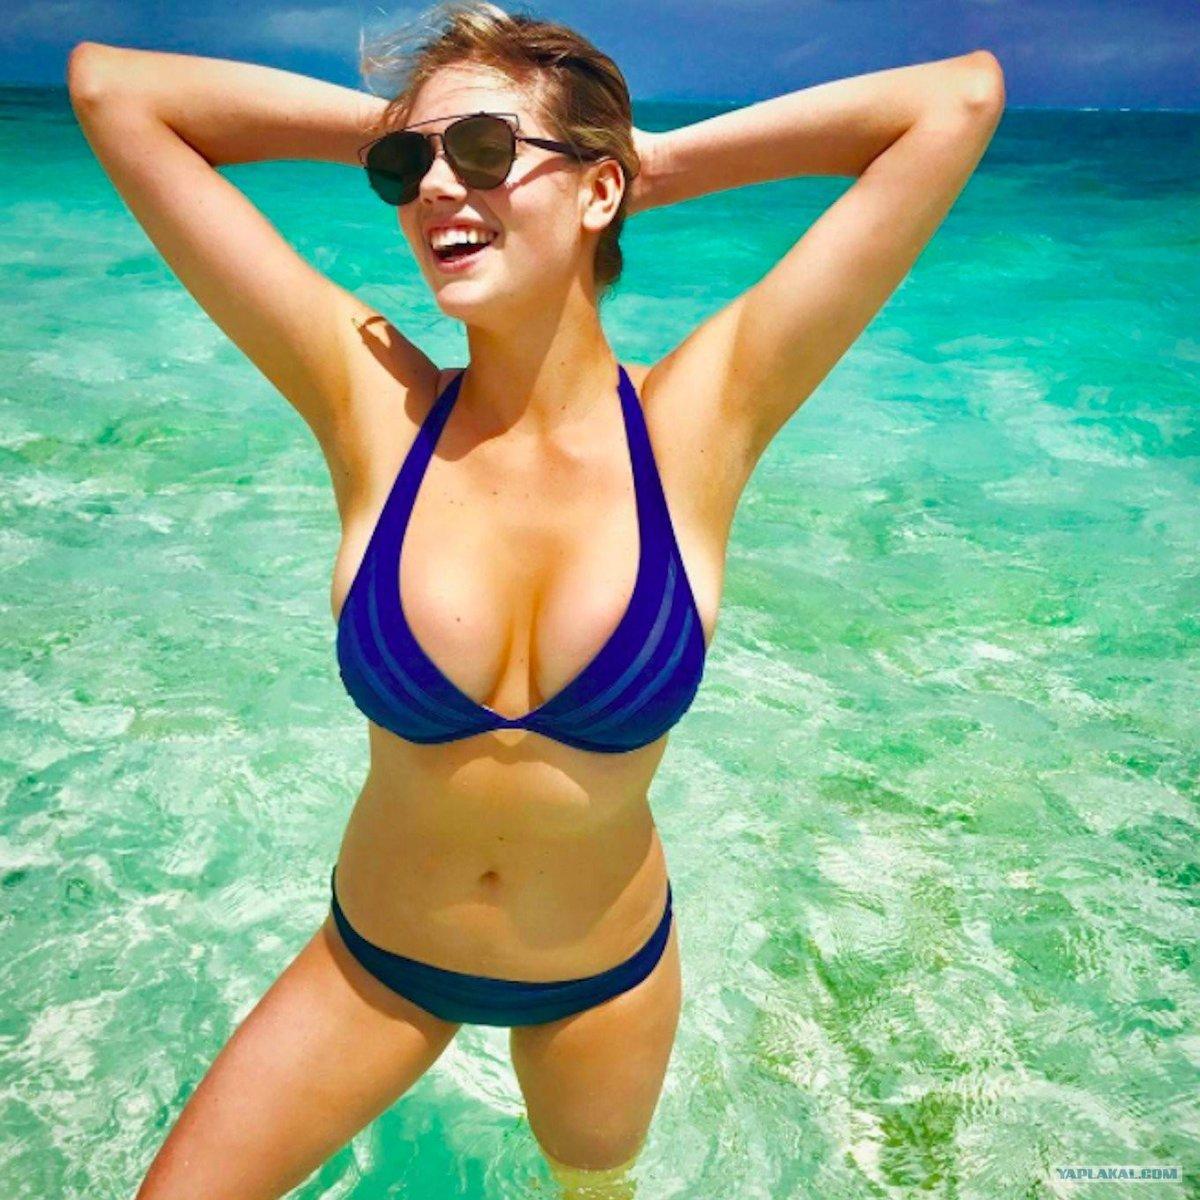 девушки с большими грудями в синем купальнике